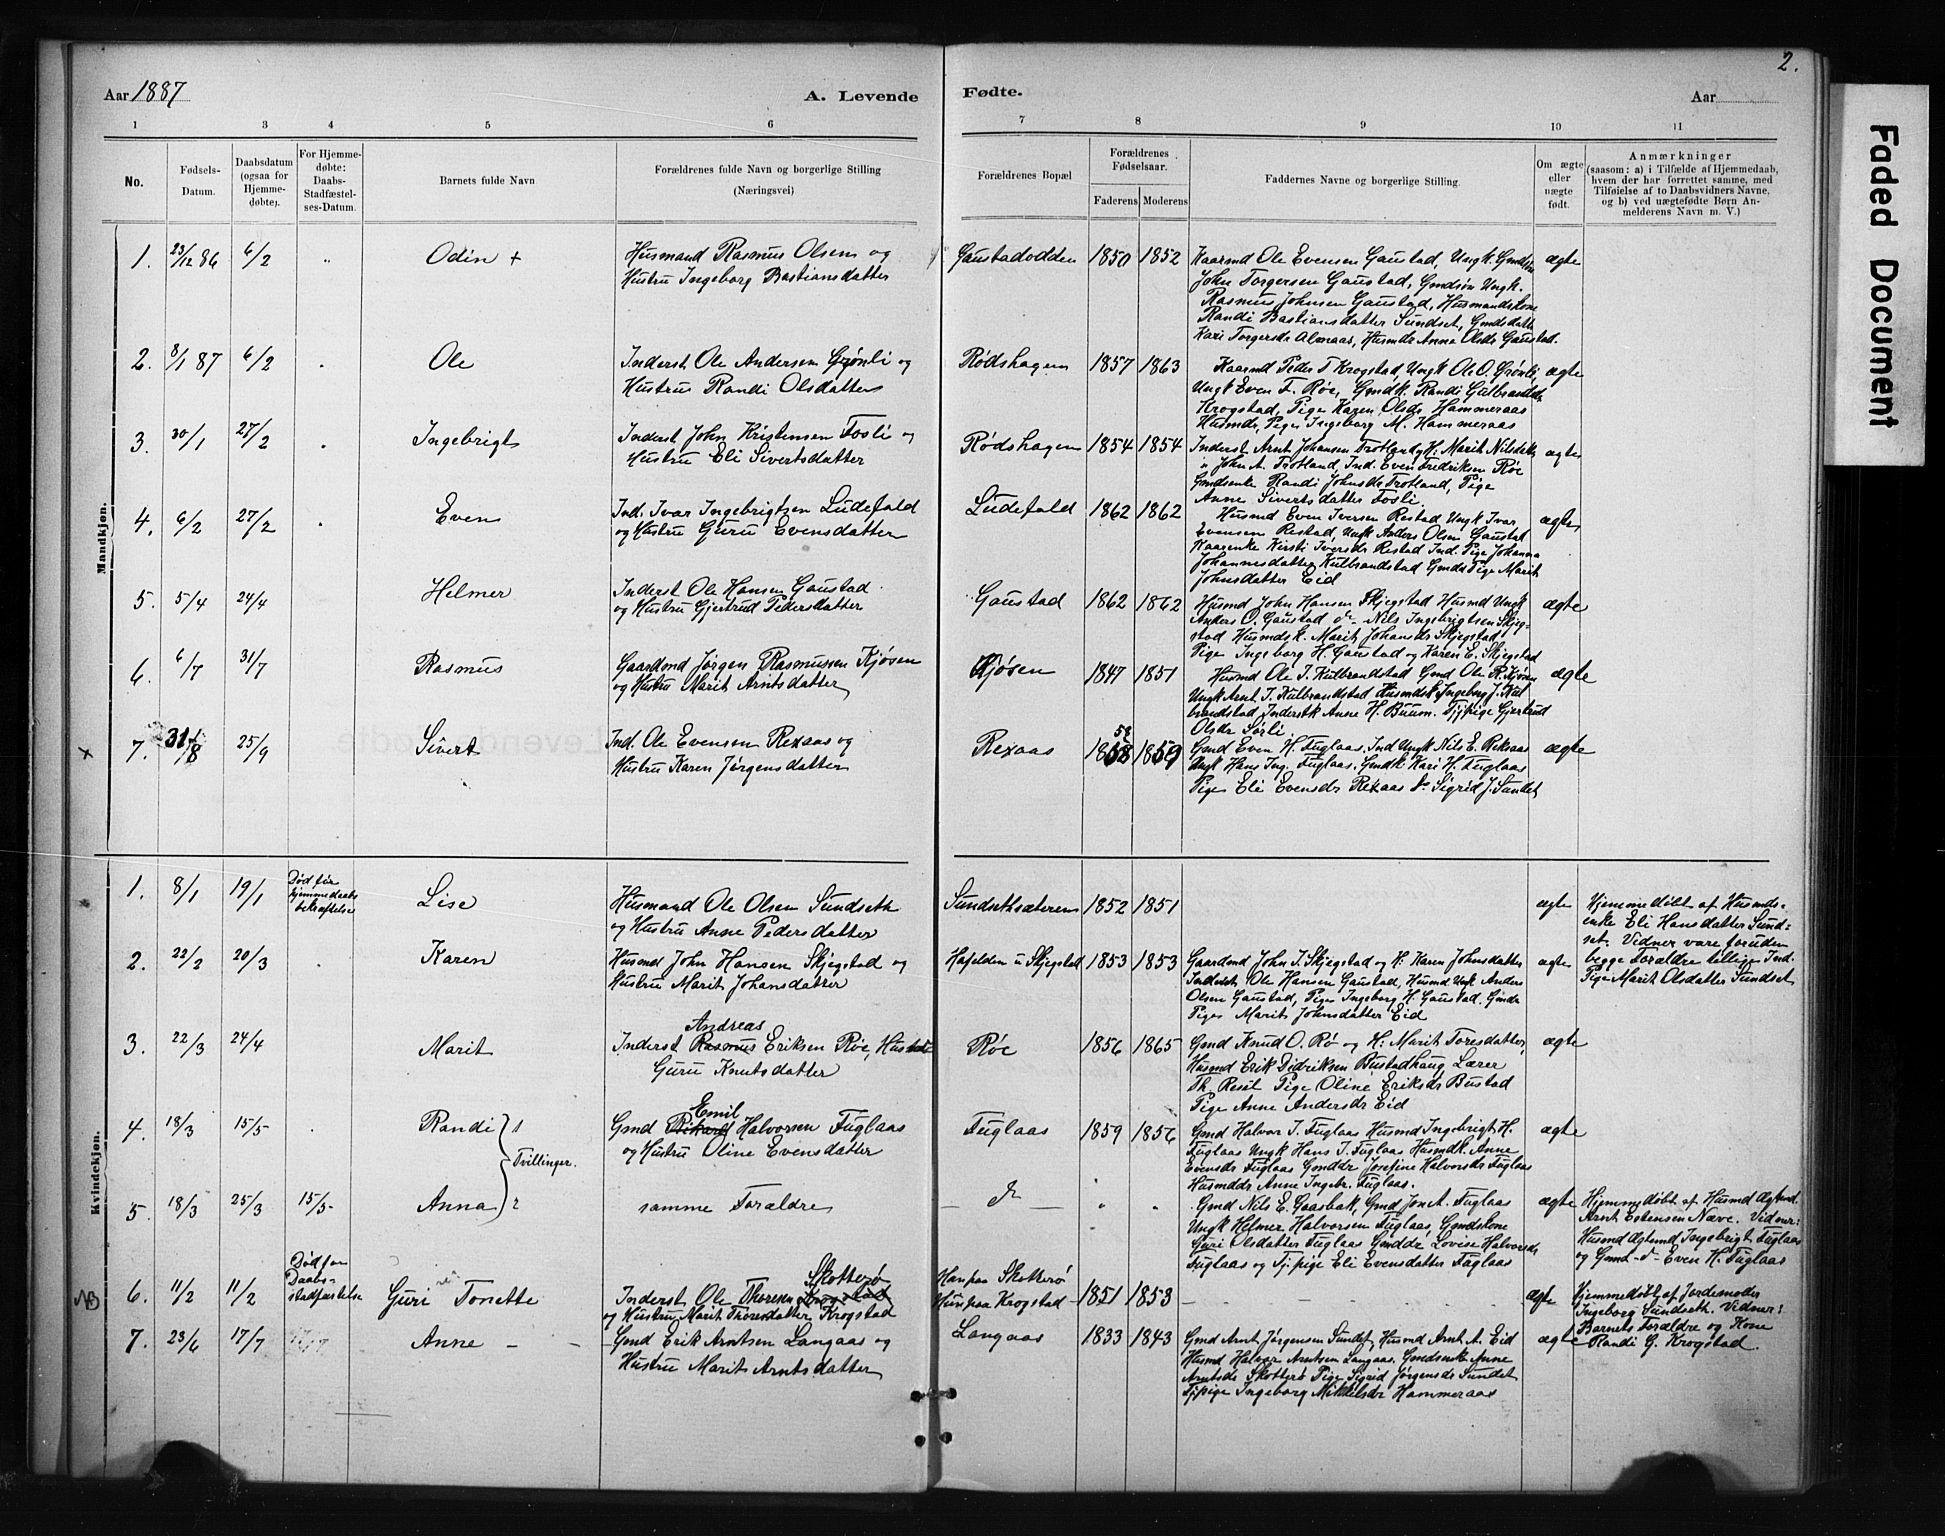 SAT, Ministerialprotokoller, klokkerbøker og fødselsregistre - Sør-Trøndelag, 694/L1127: Ministerialbok nr. 694A01, 1887-1905, s. 2